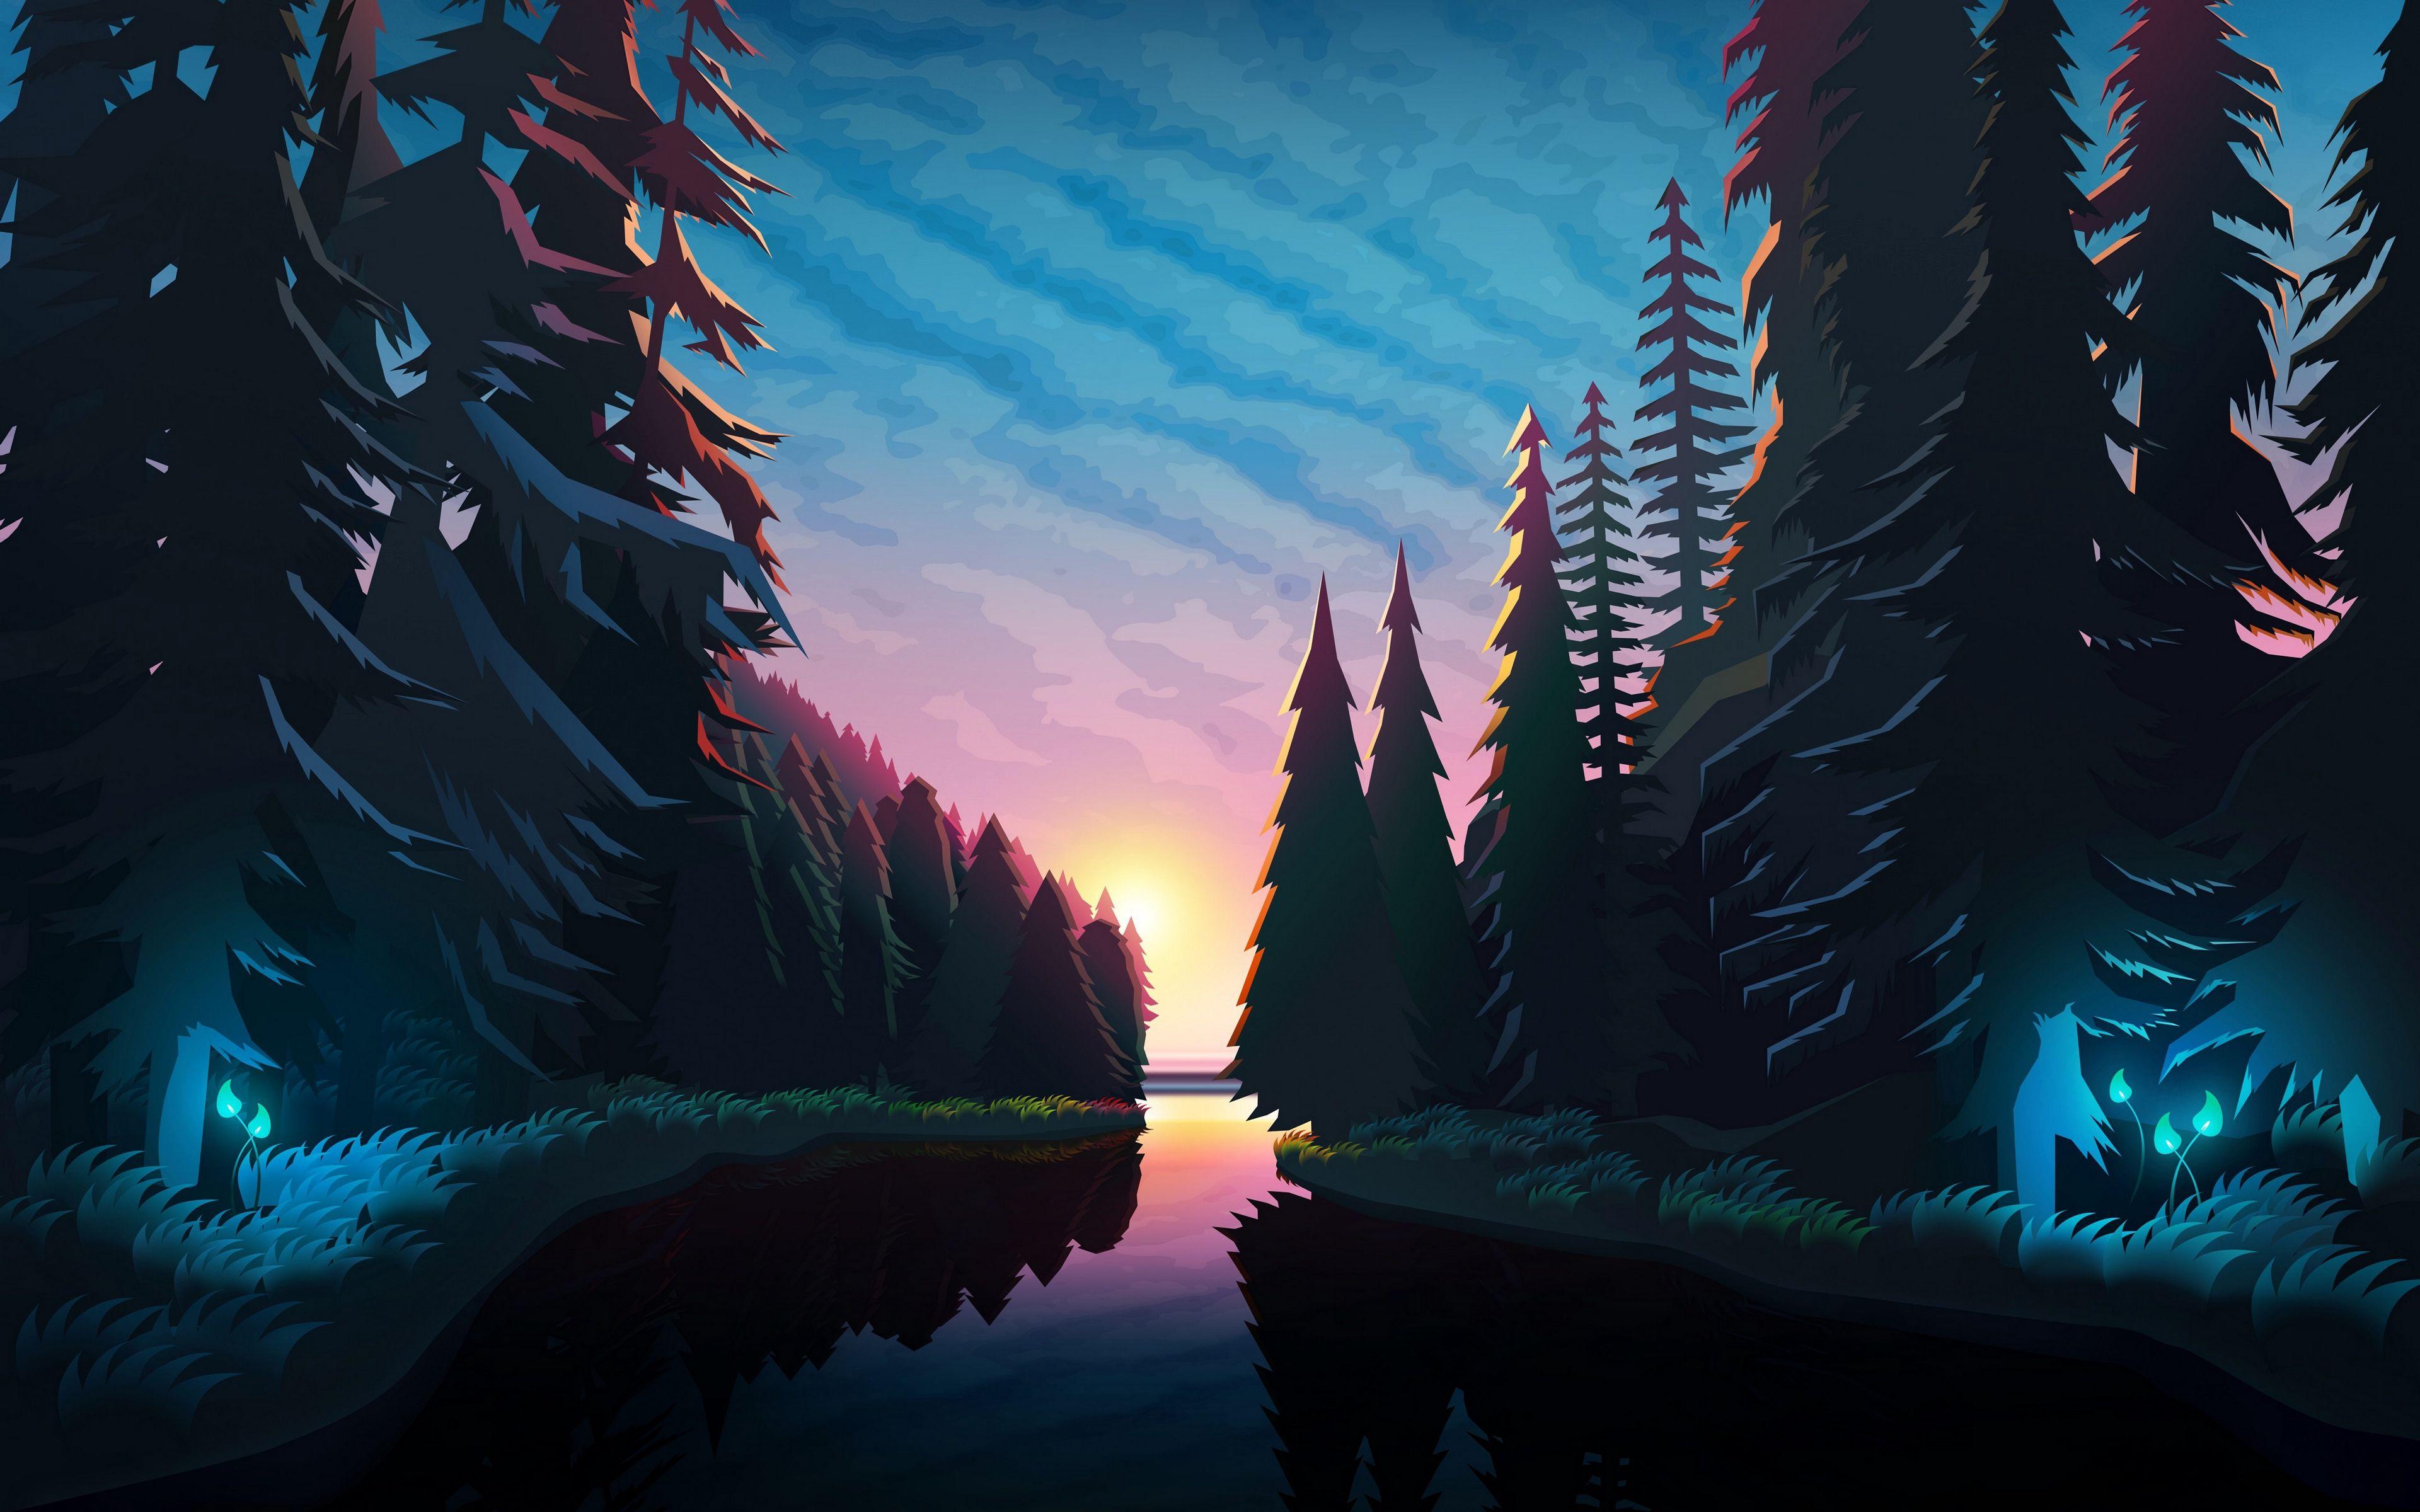 Awesome Nature Beautiful Nature Scenes Aesthetic Desktop Wallpaper Desktop Wallpaper